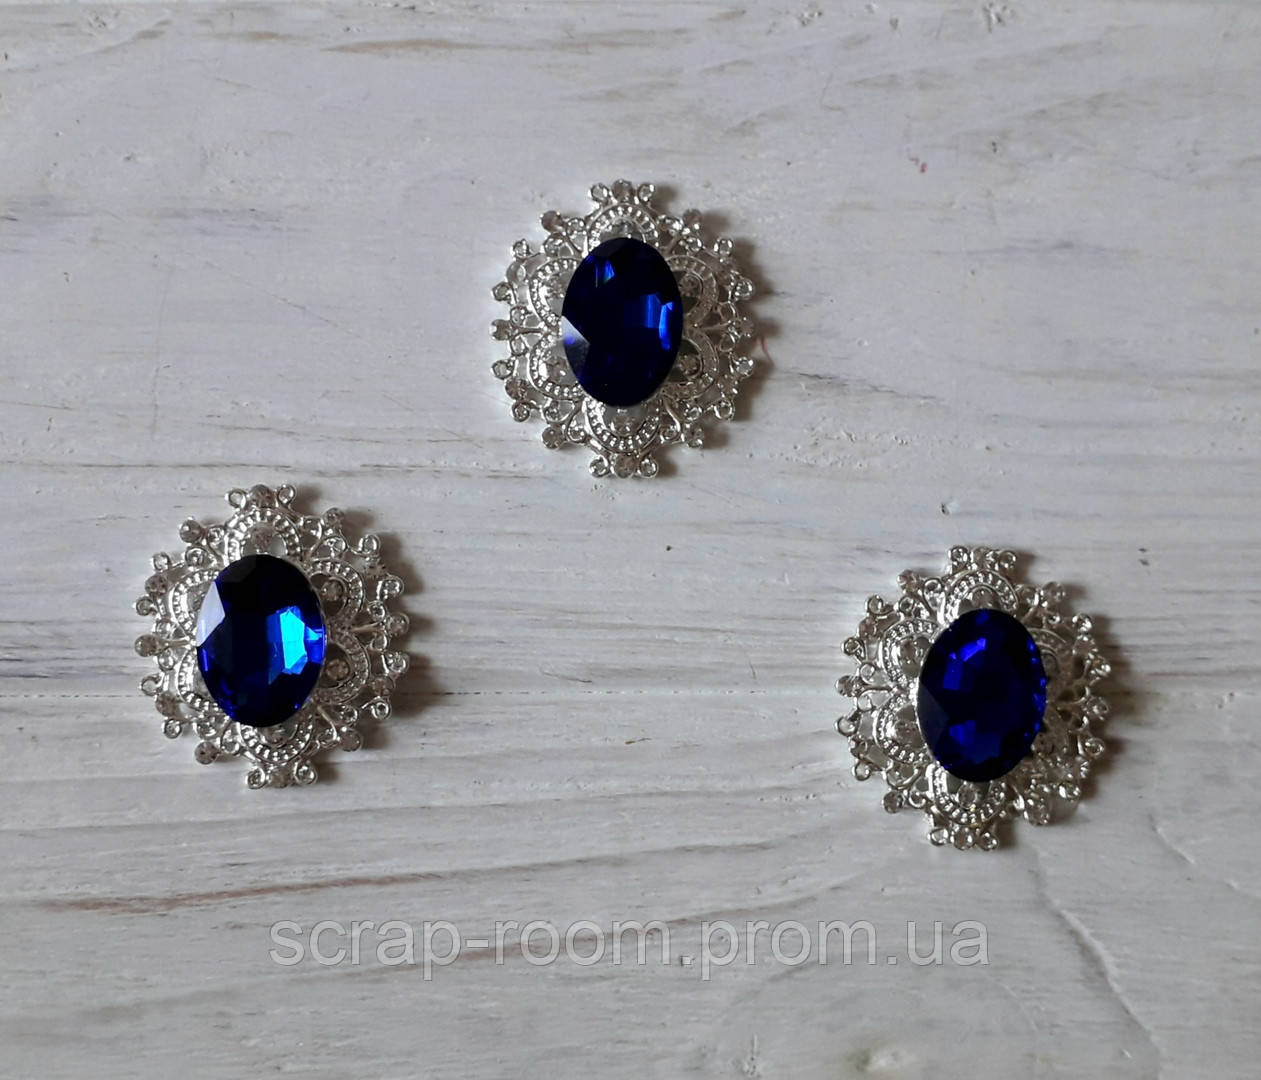 Брошь со стразами, брошь с синим камнем, брошь с камнем, брошь свадебная, размер 28*32 мм, цена за шт